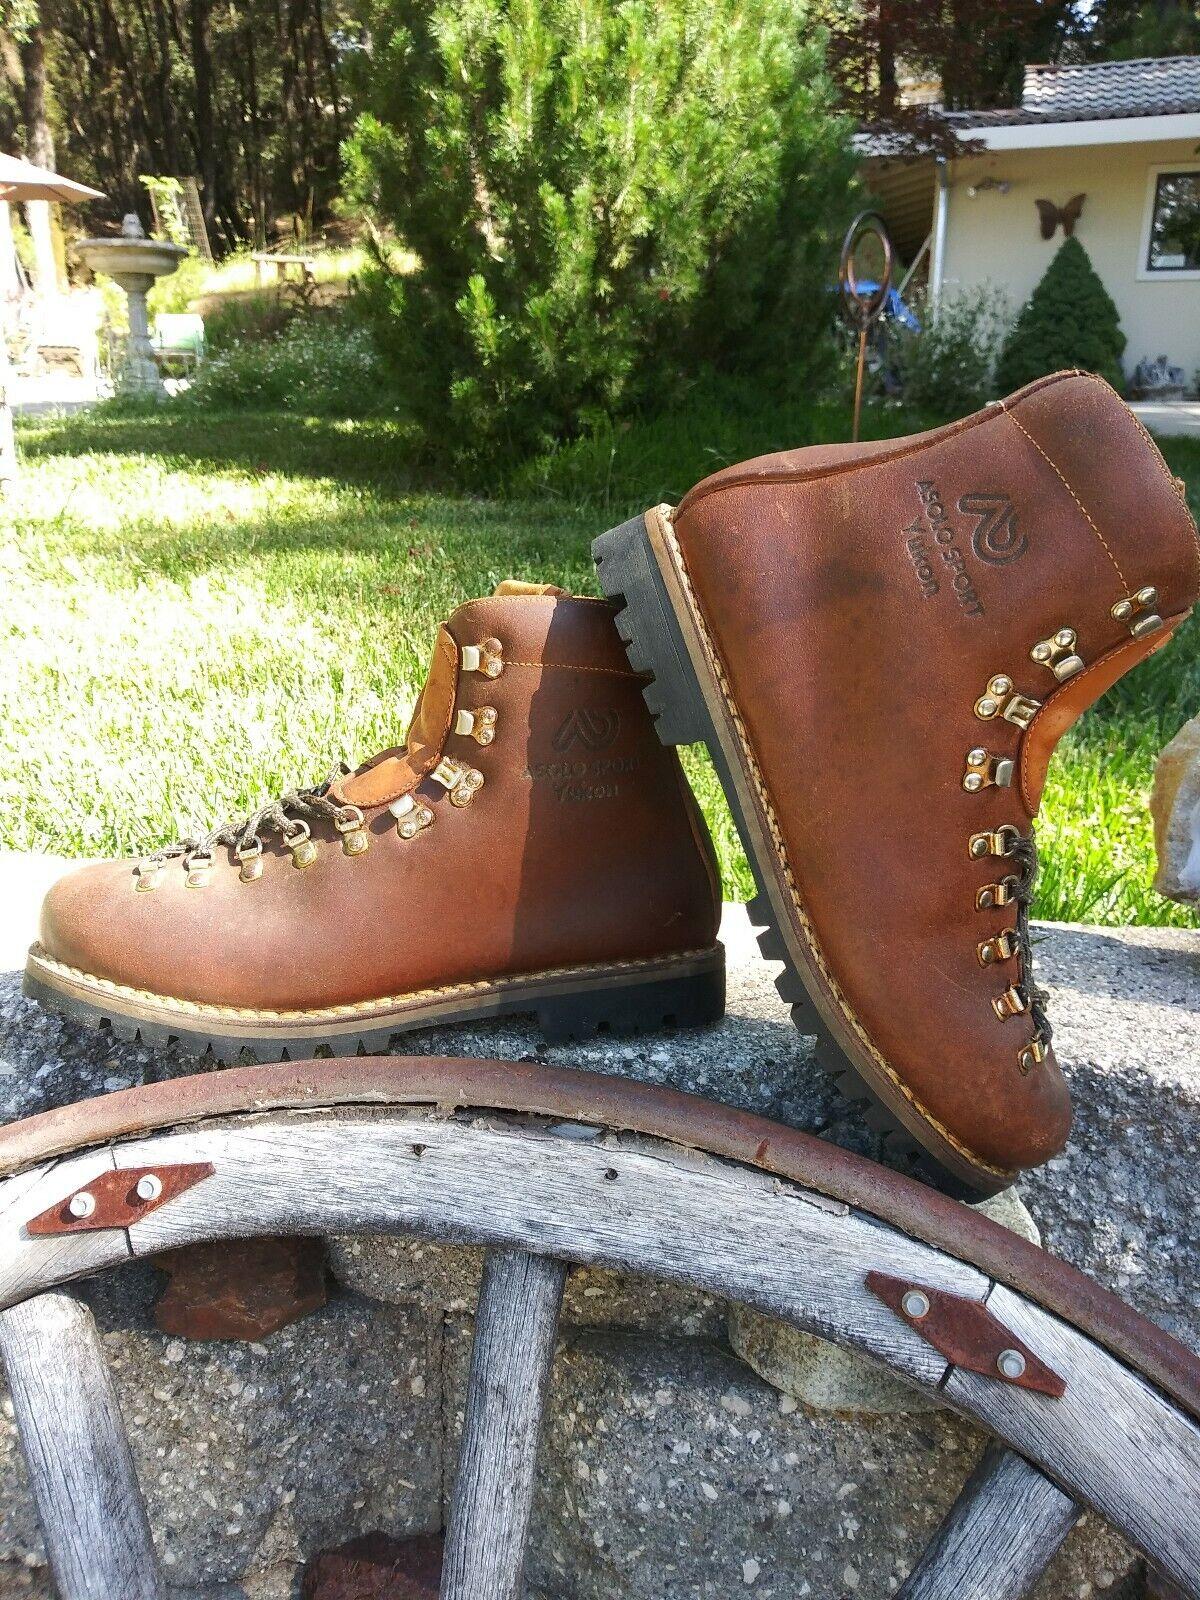 Vintage Asolo Vibram  solo hiking boots  brands online cheap sale